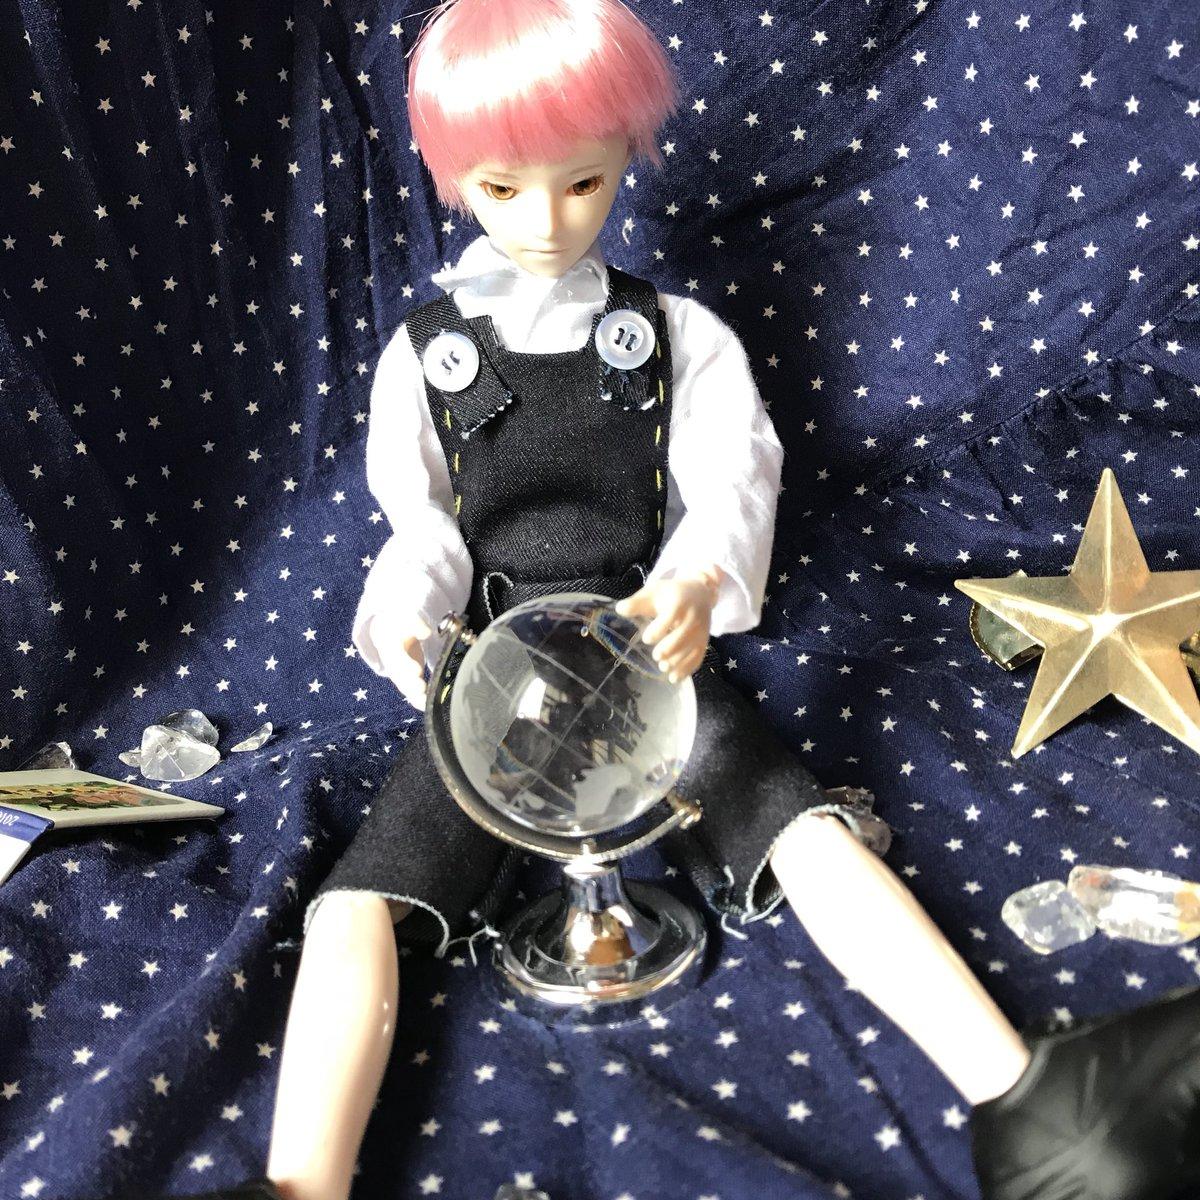 test ツイッターメディア - キャンドゥ探検しにいったらいいのがあった ガラスの地球儀可愛い~ 星の王子様ジフニ  #ドール #ドール服 #doll #キャンドゥ #100円ショップ #百均小物 https://t.co/wBNrRLvrXV